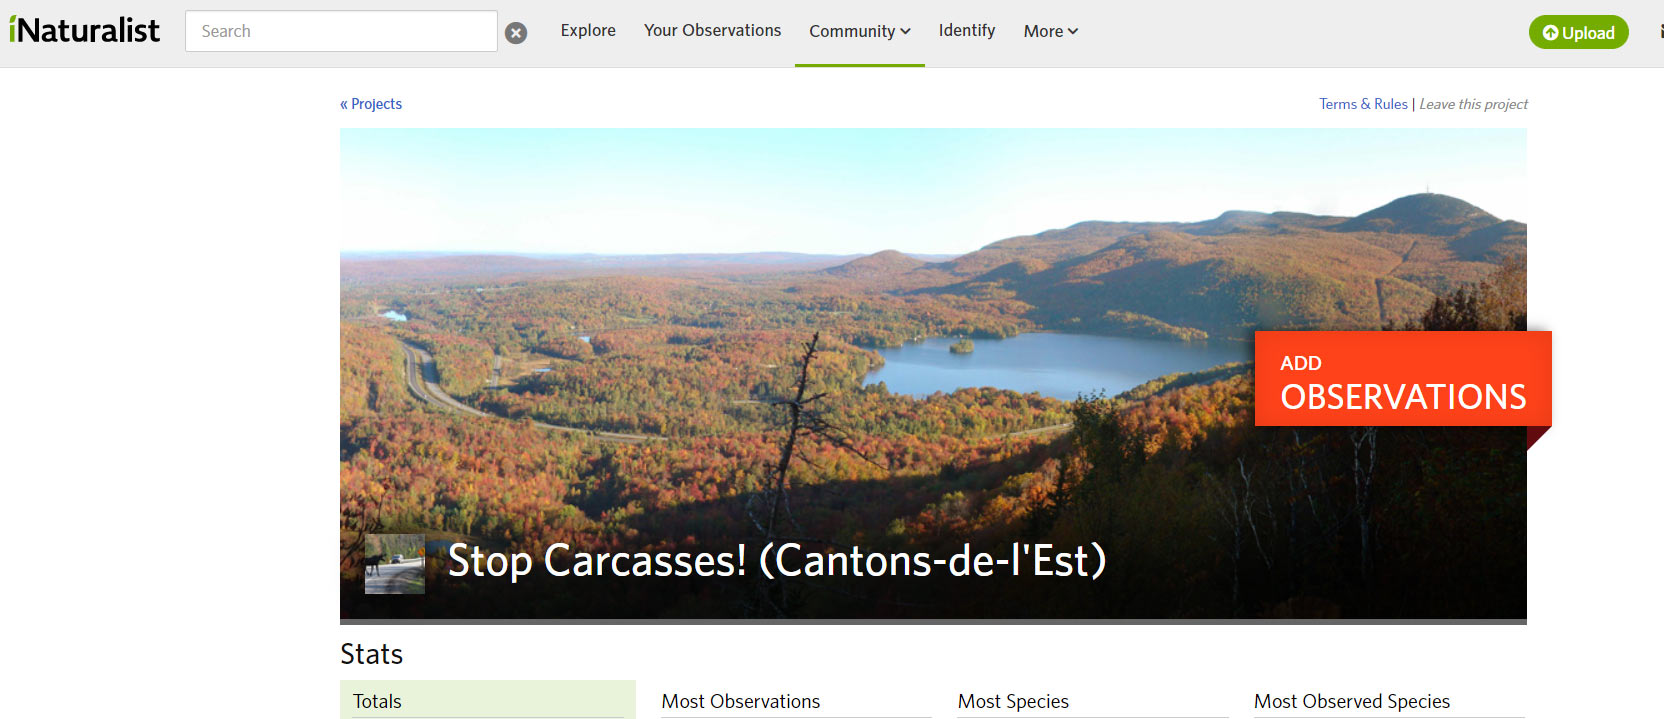 Capture d'écran de l'application iNaturalist